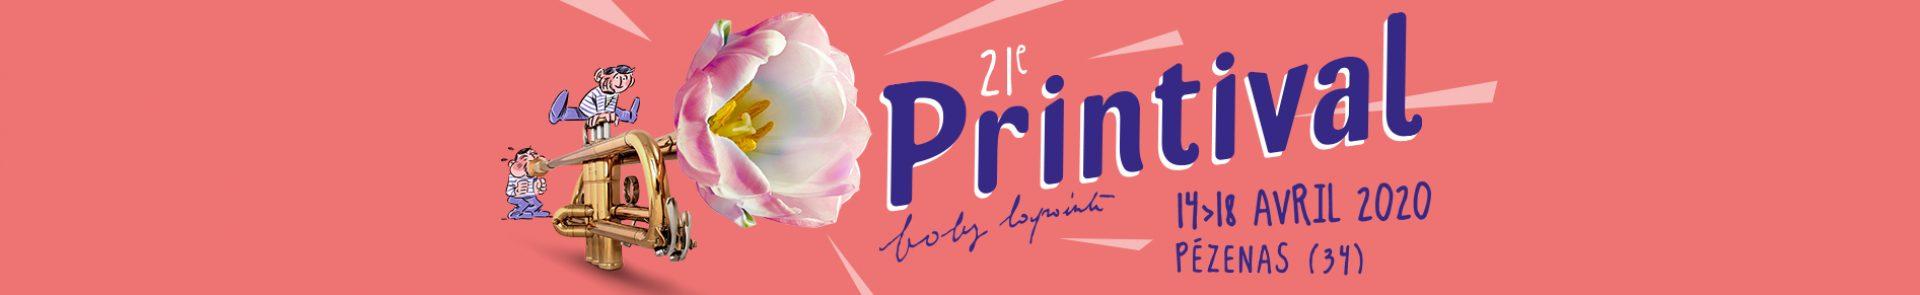 Printival Boby Lapointe - Festival et Fabrique d'artistes